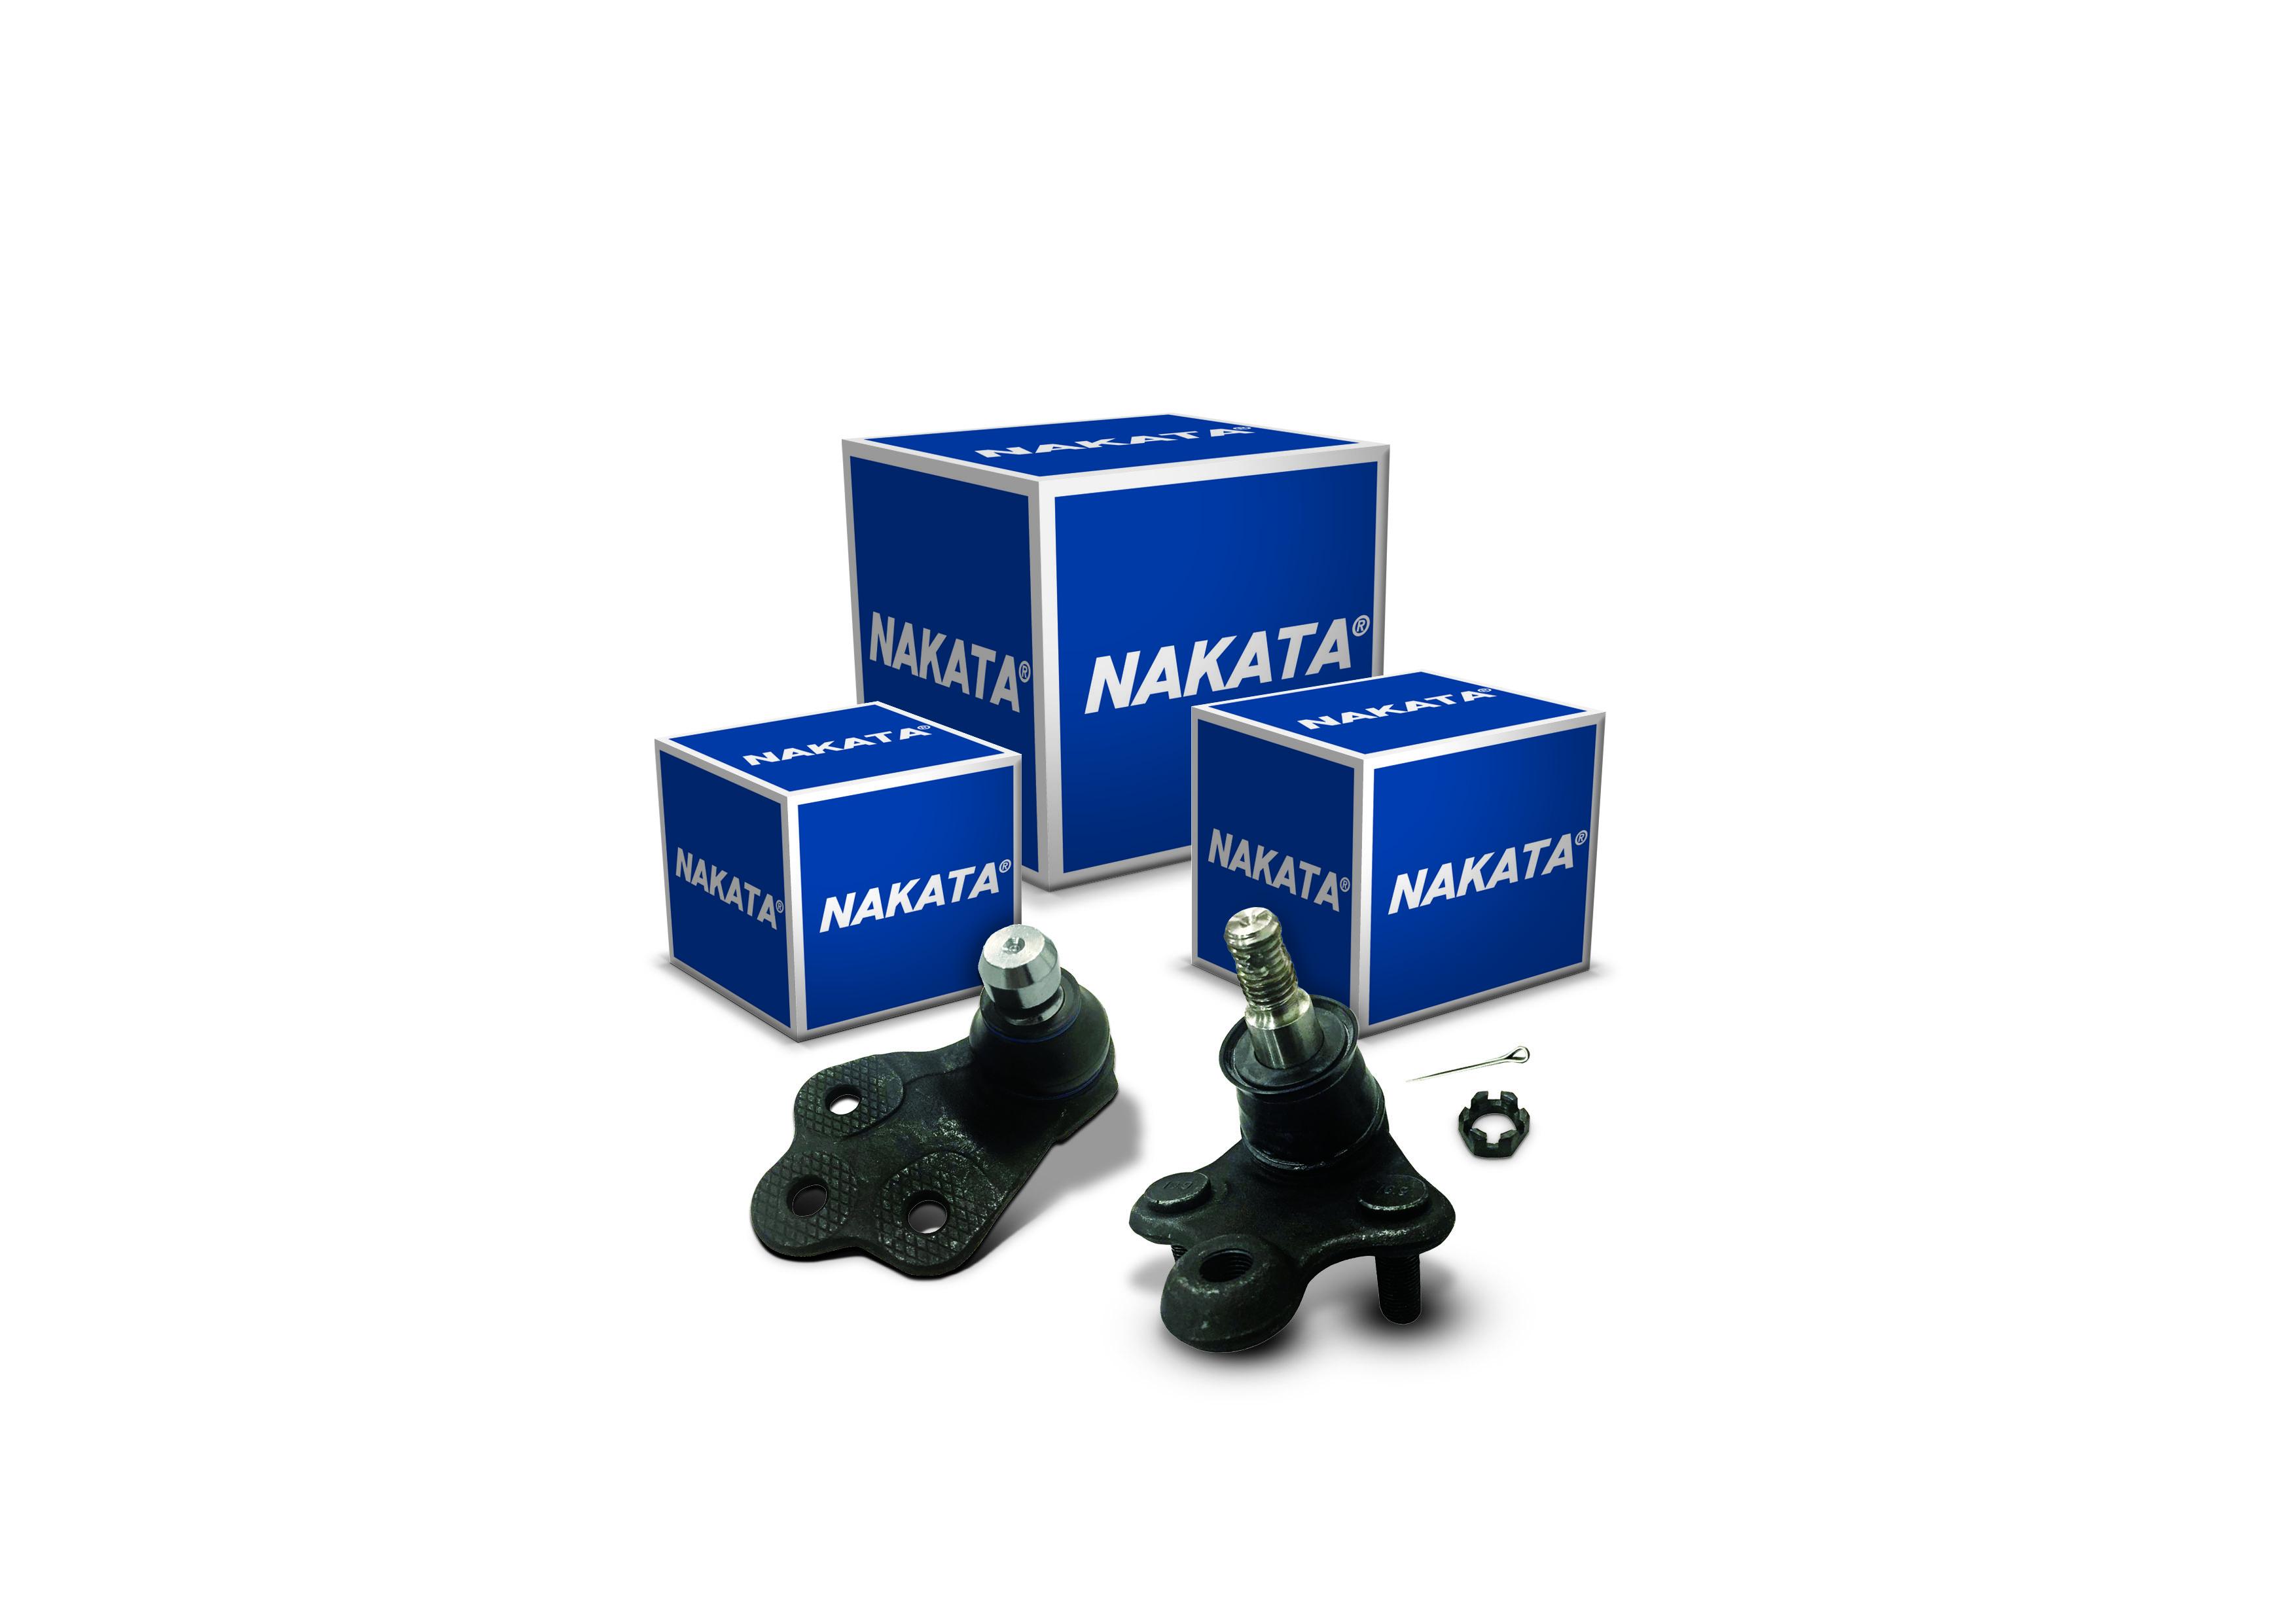 httpNakata lança pivôs de suspensão para veículos da Kia, Renault e Honda